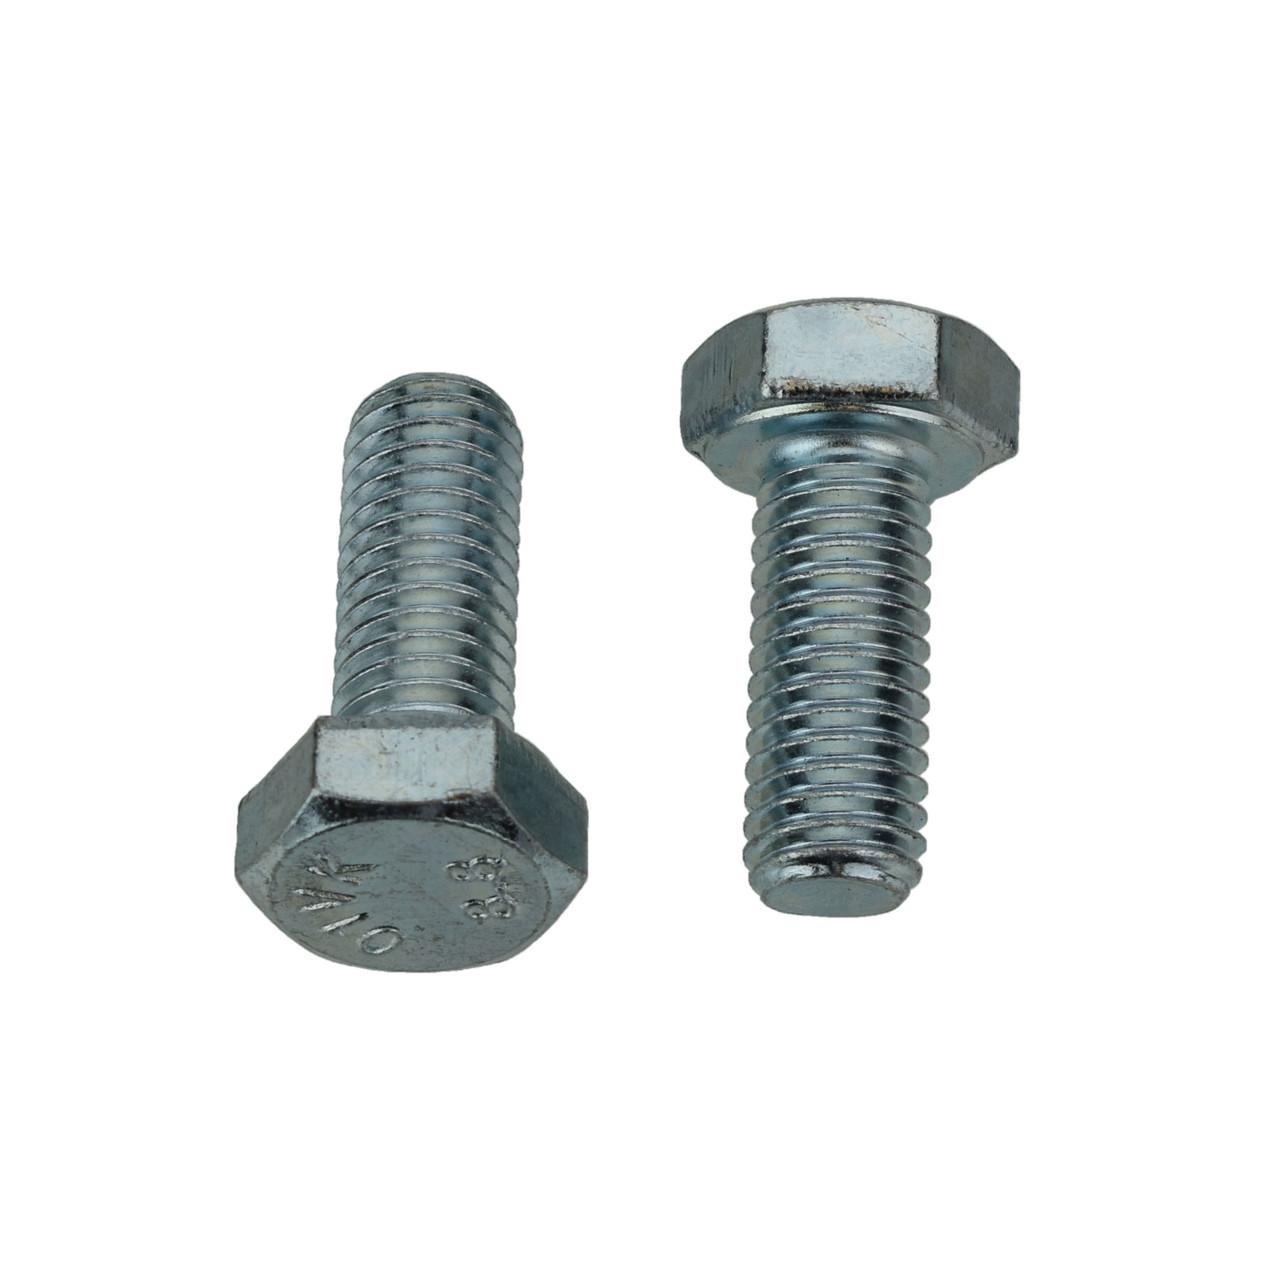 M8-1.25 x 20mm - 13mm Hex Head Bolt - Interchange: Auveco 14420 Disco 886pk